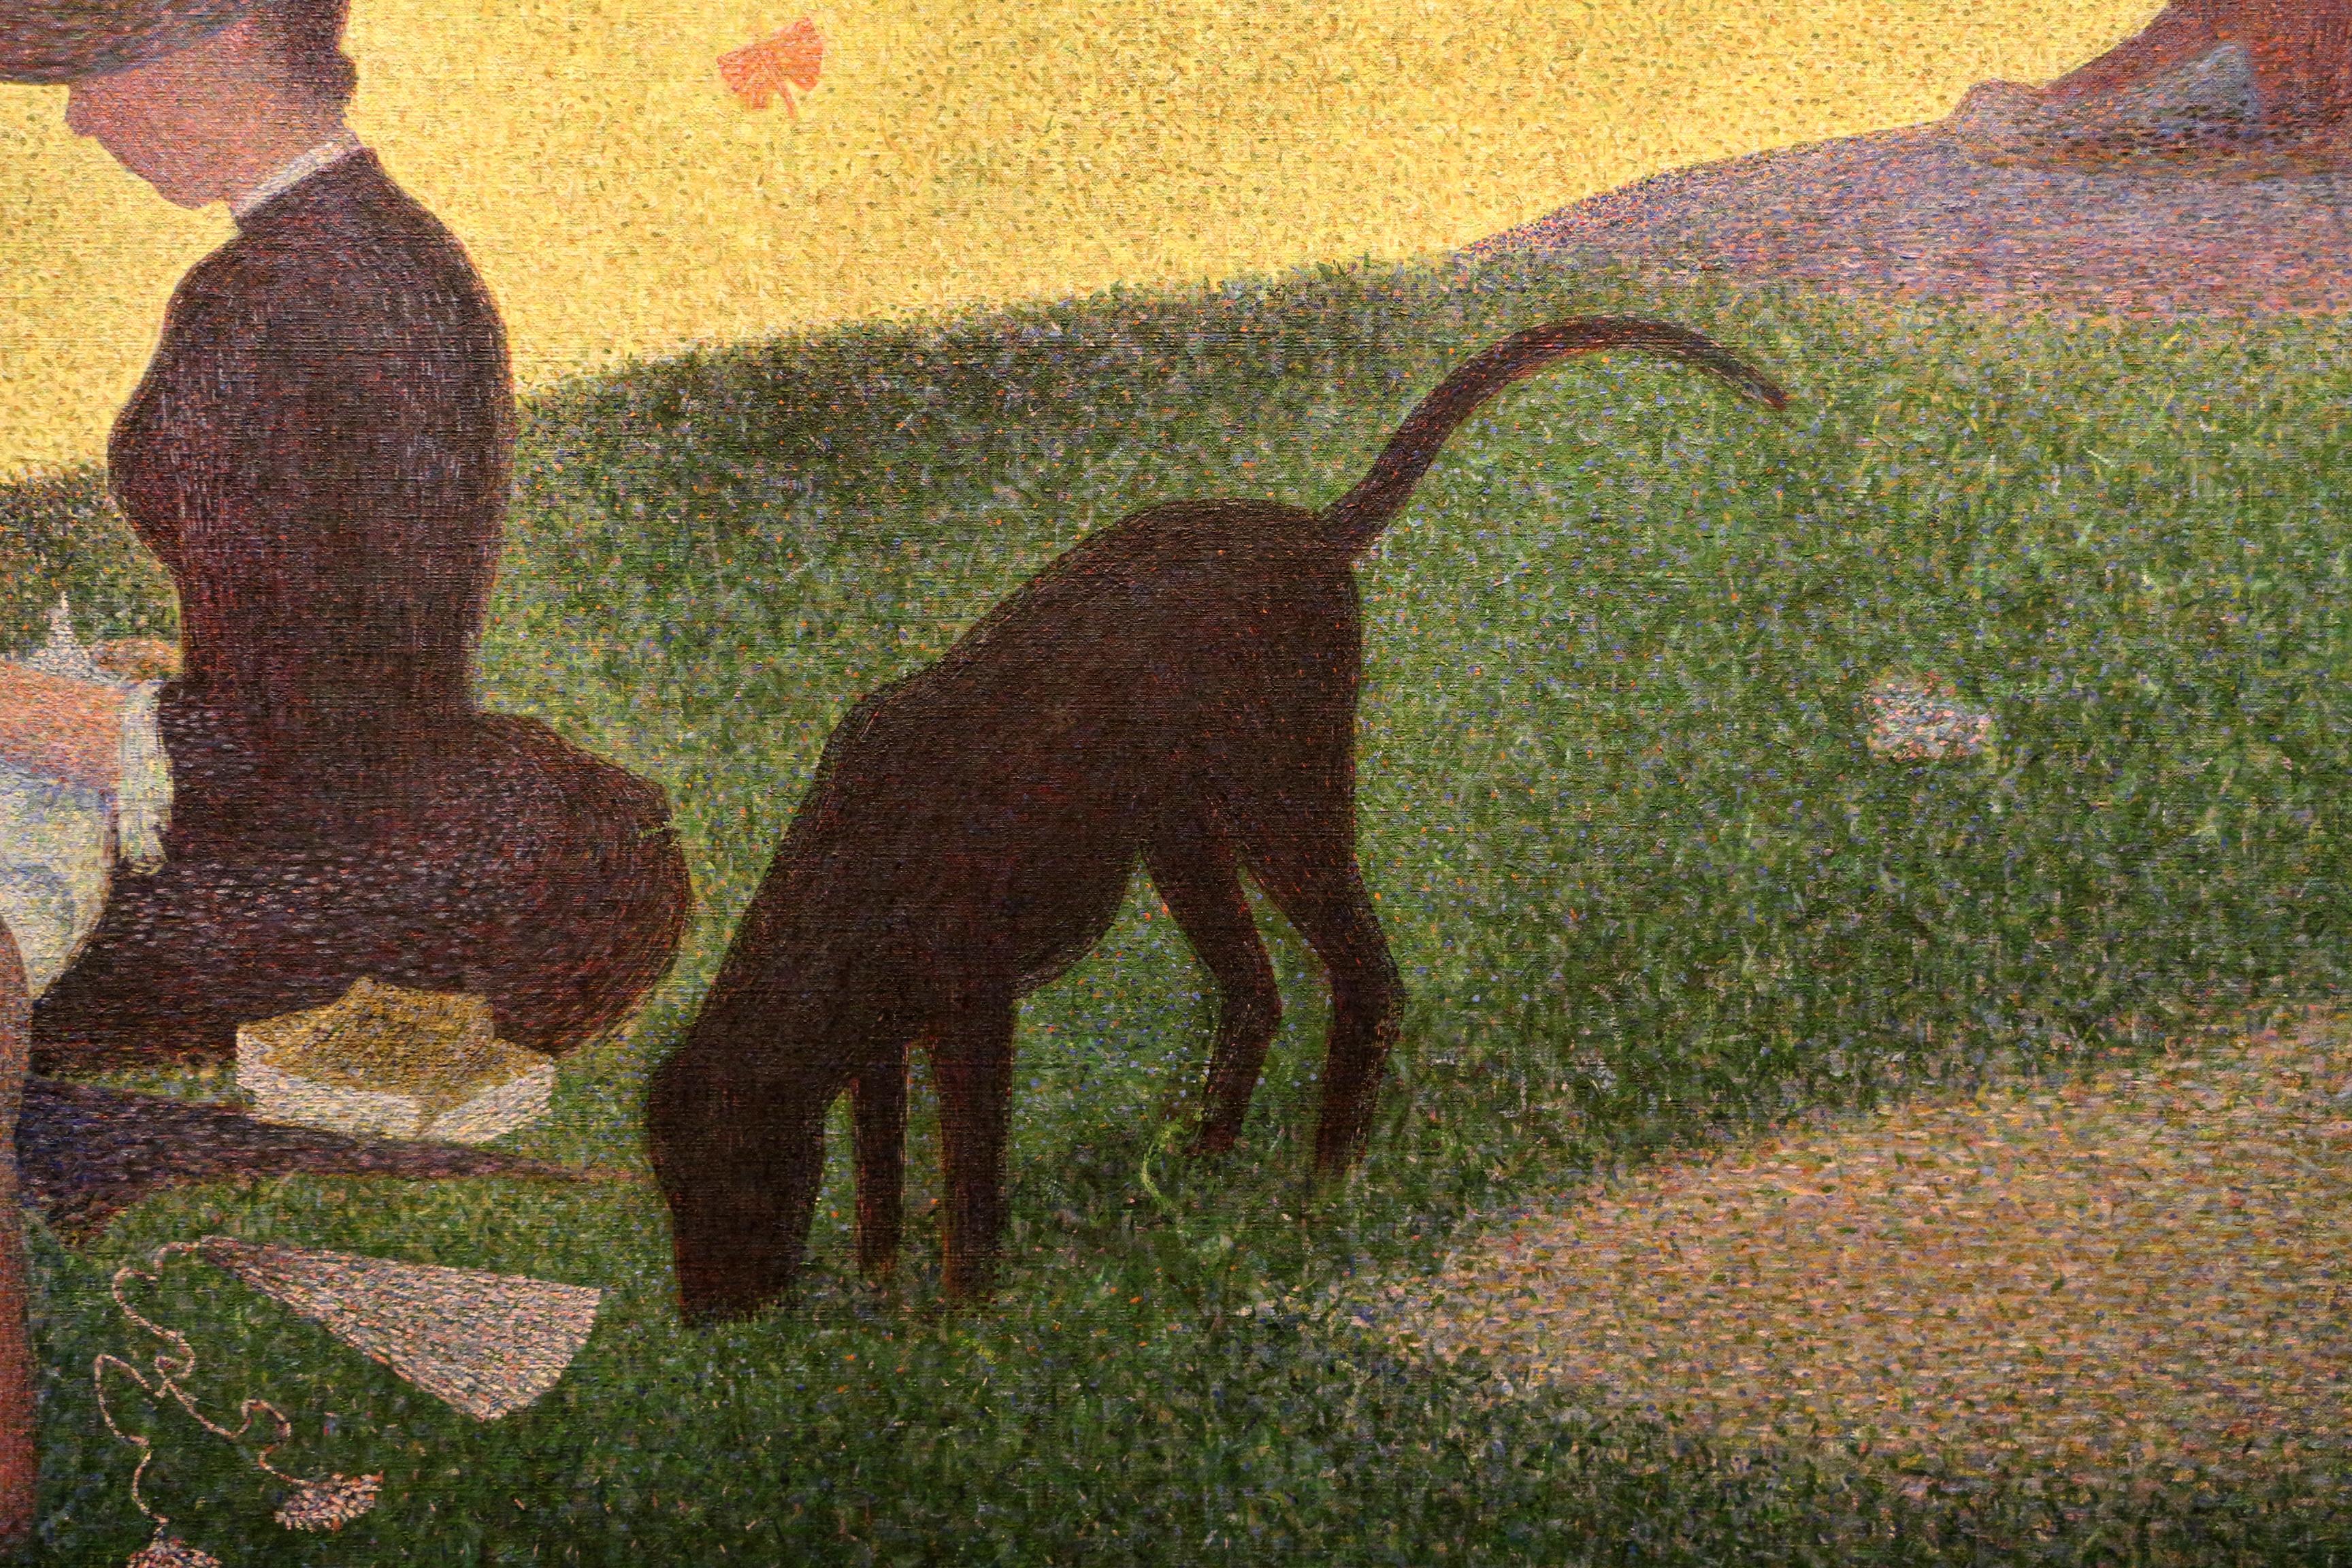 File:Georges seurat, domenica alla grande jatte - 1884, 1884